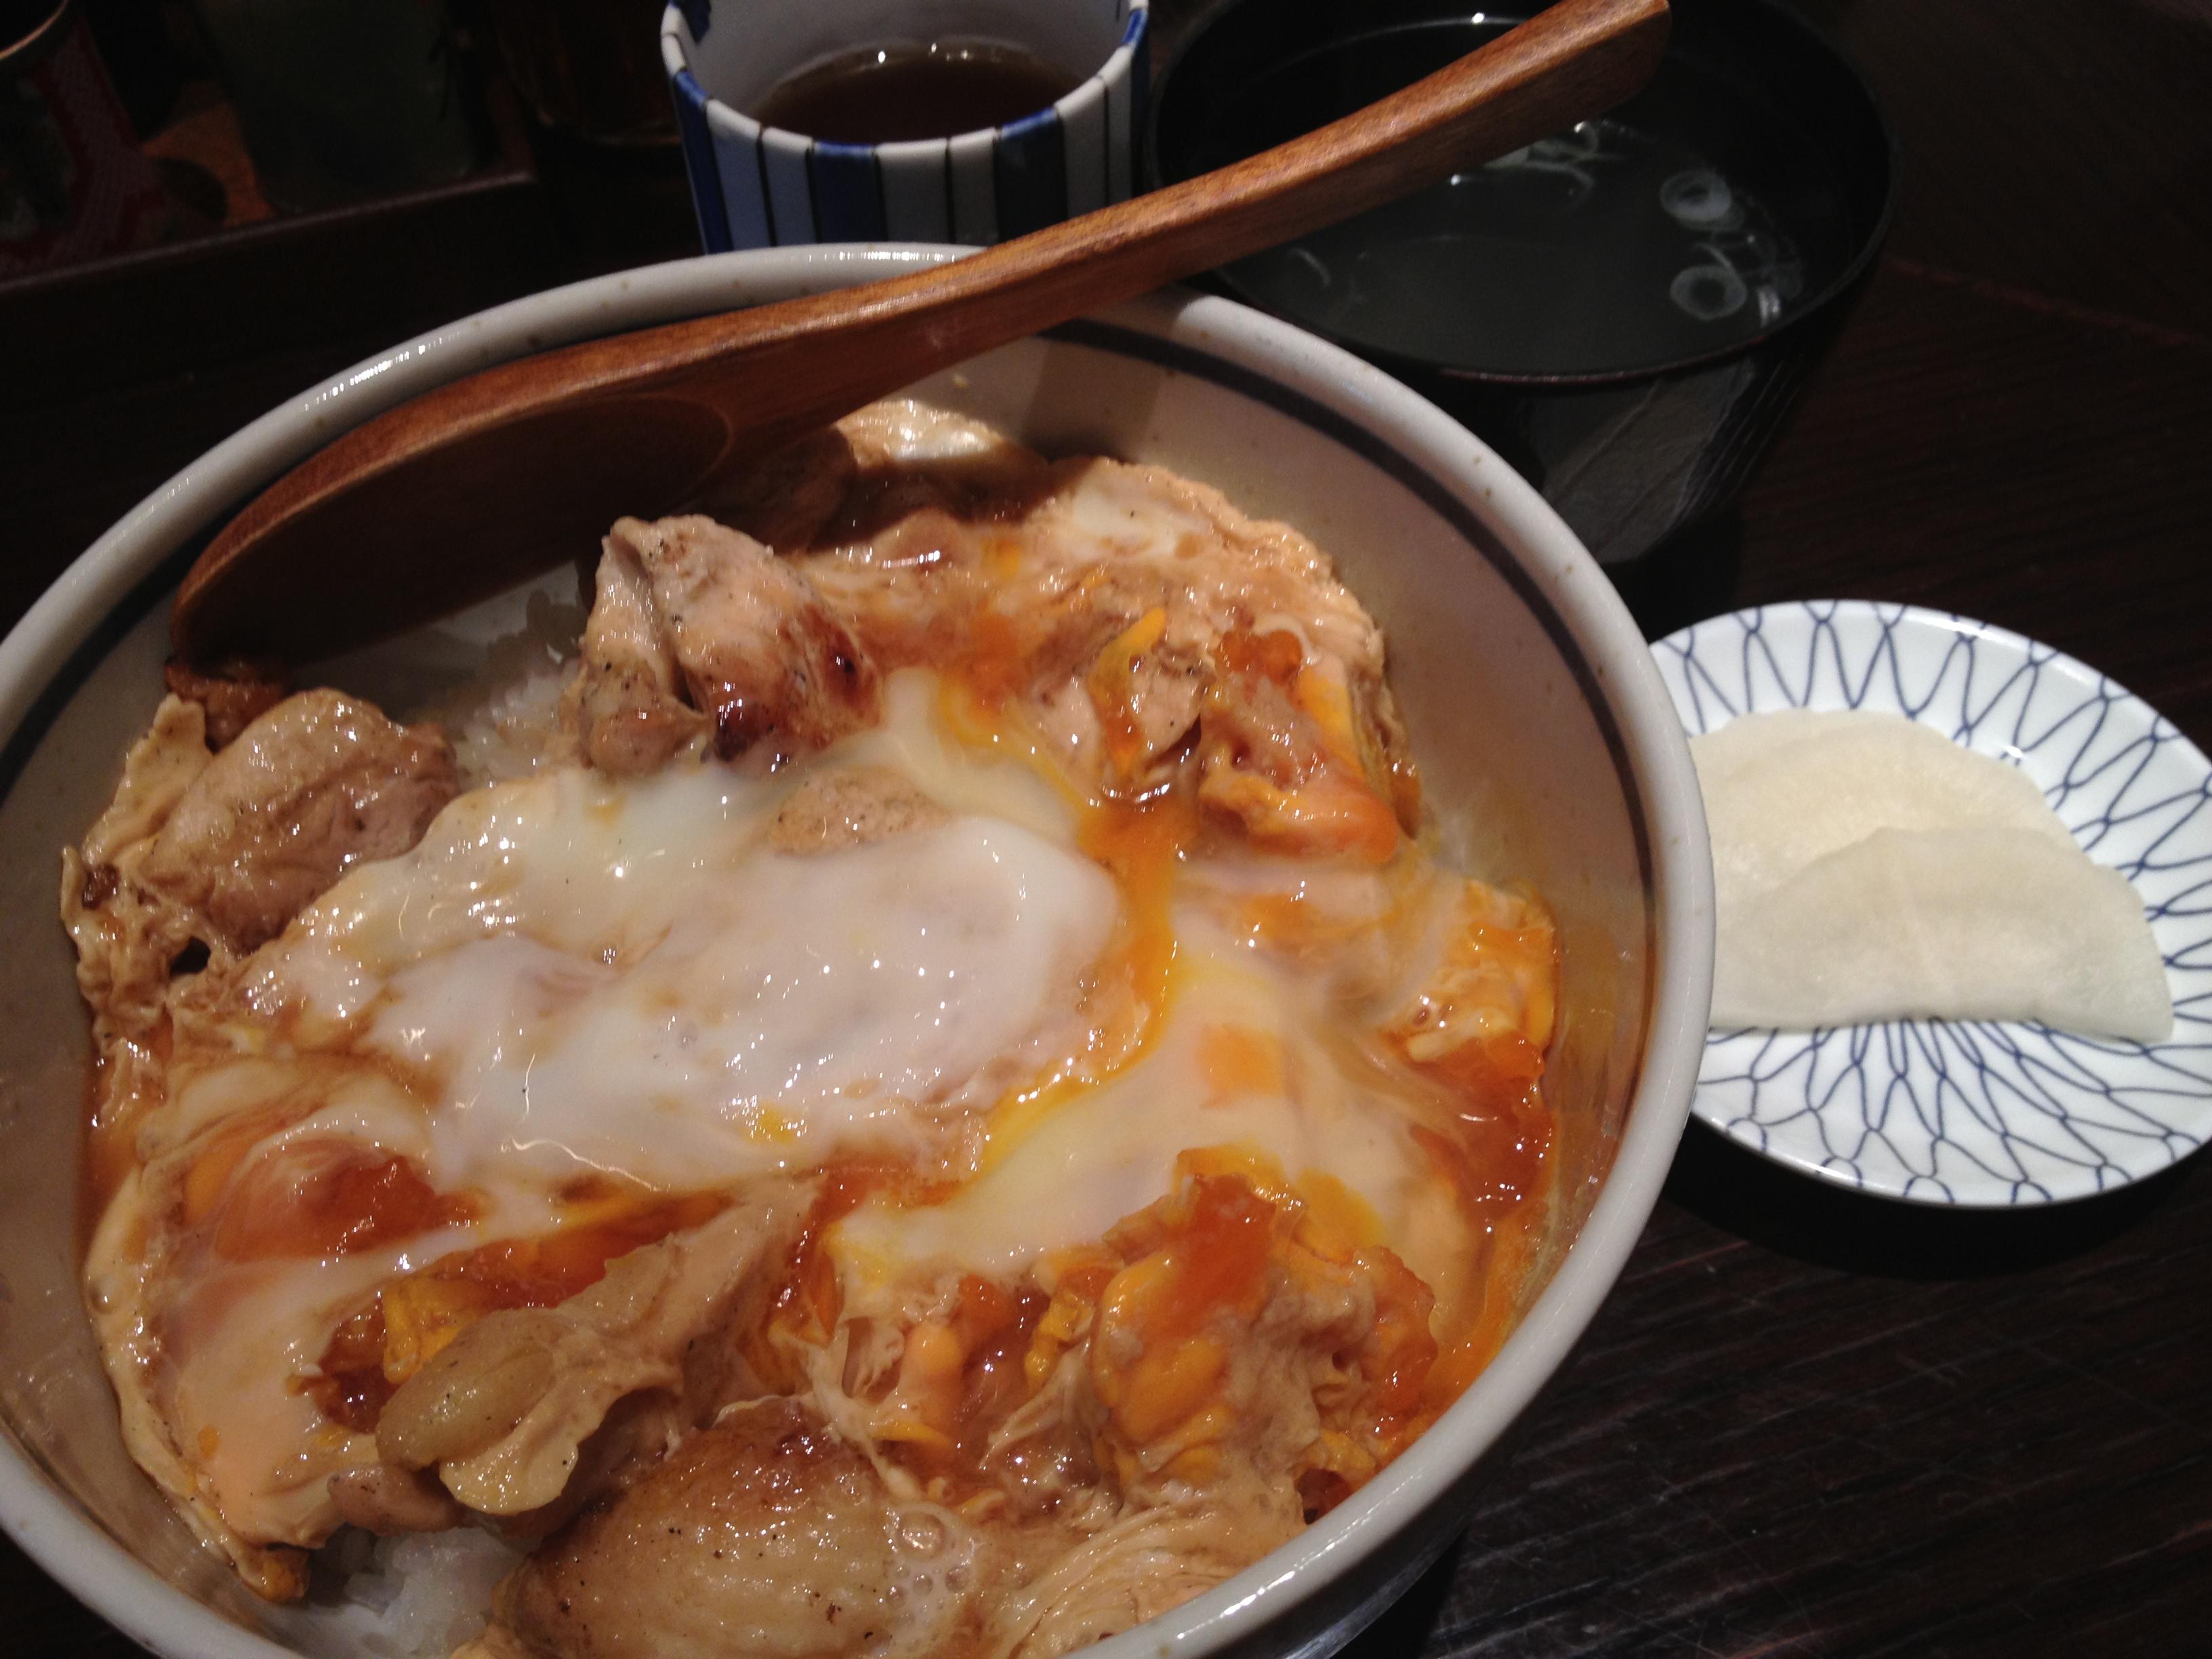 五反田,ぎたろう軍鶏,焼鳥,たかはし,ミシュラン,親子丼,ランチ